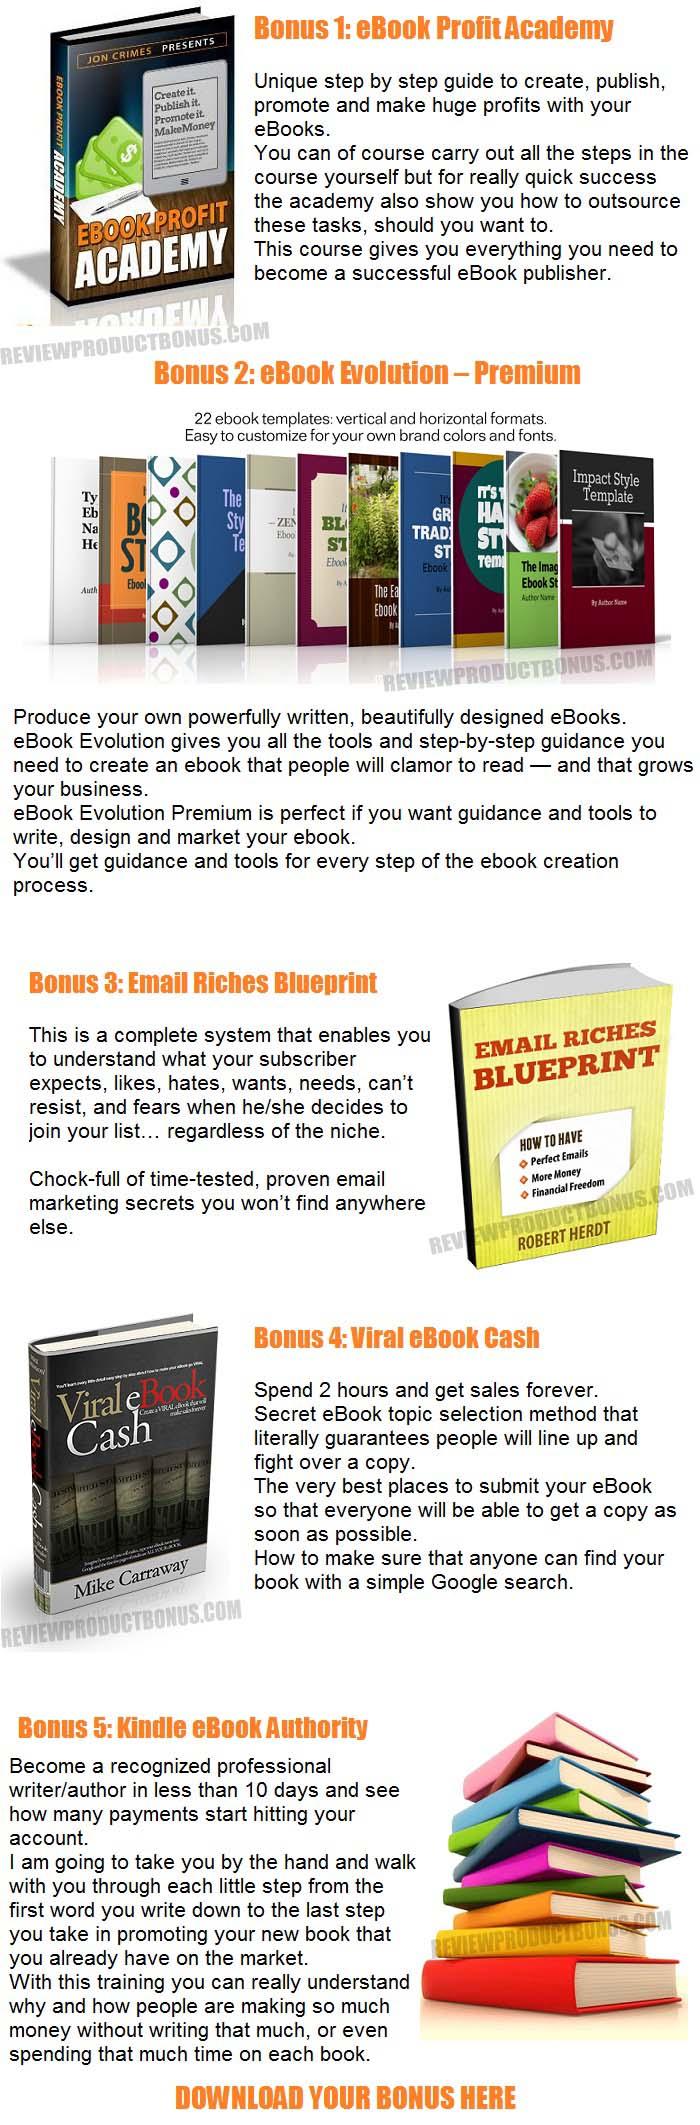 Instant Product Lab Bonus